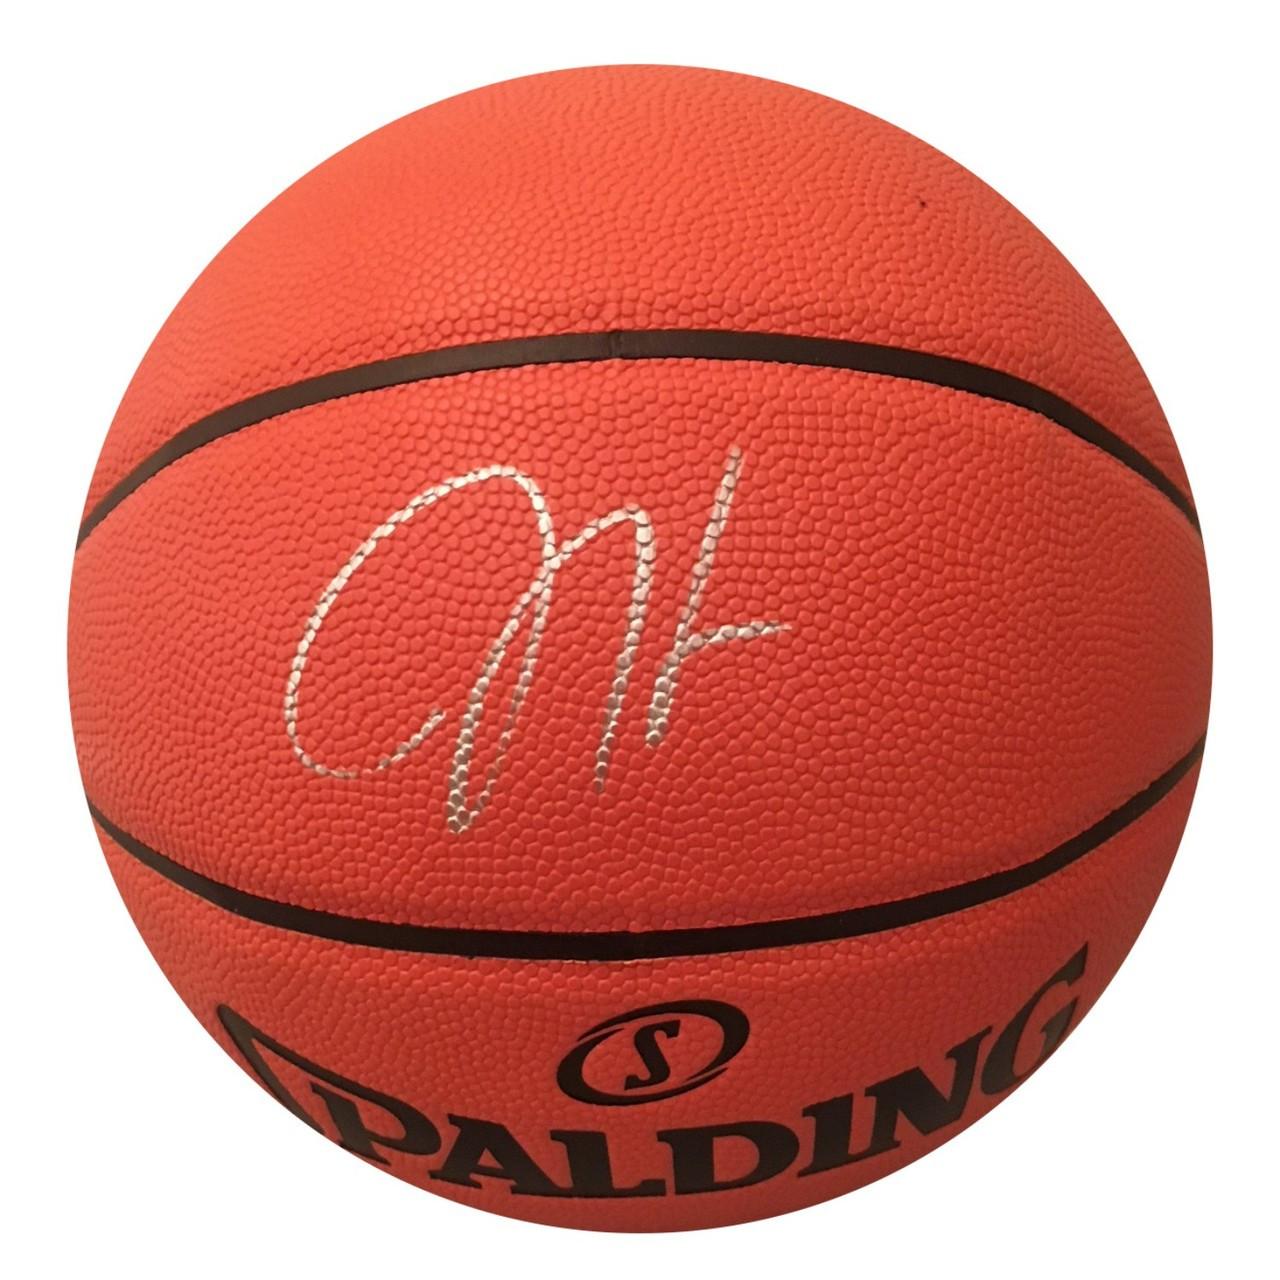 d3447652531f James Harden - 2018 MVP - Autographed I O Basketball